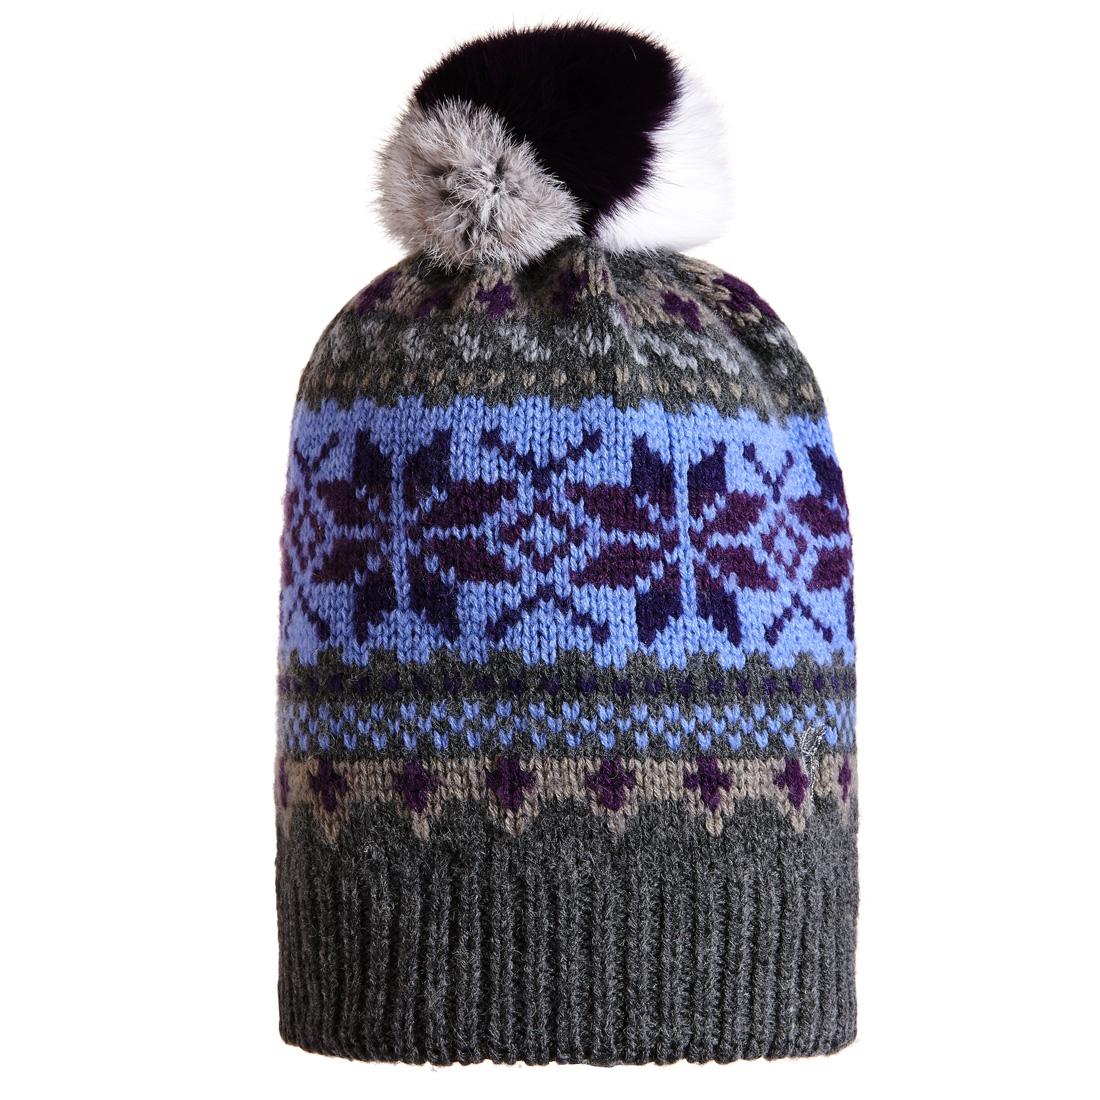 Jacquard Mütze mit Bommel Grau